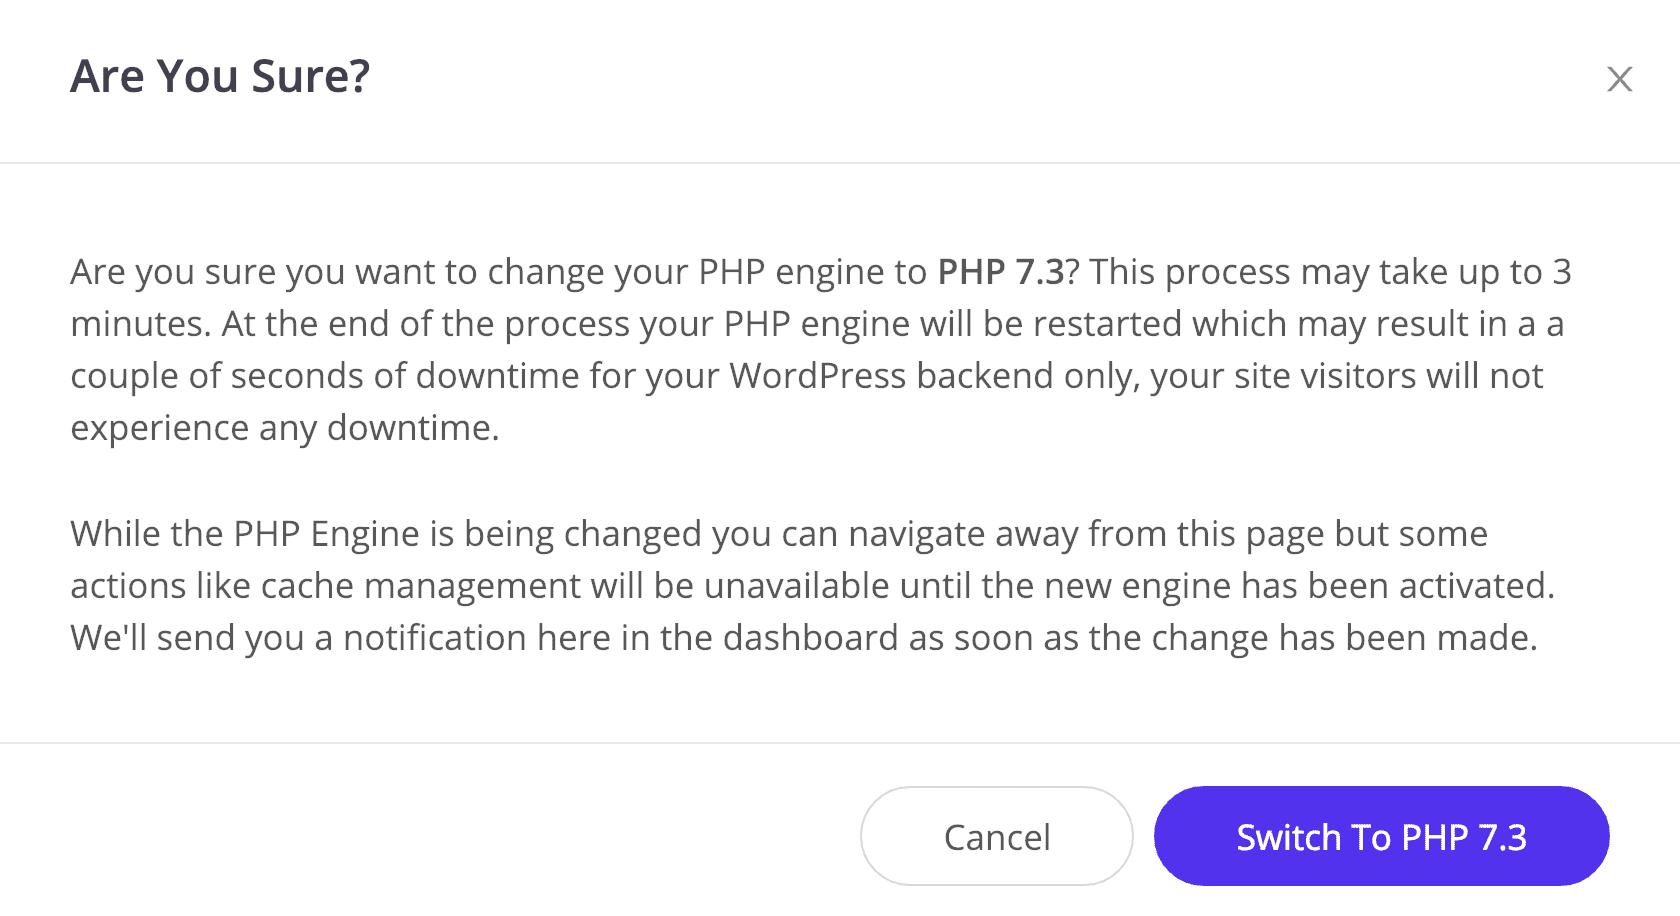 Wechsle zu PHP 7.3